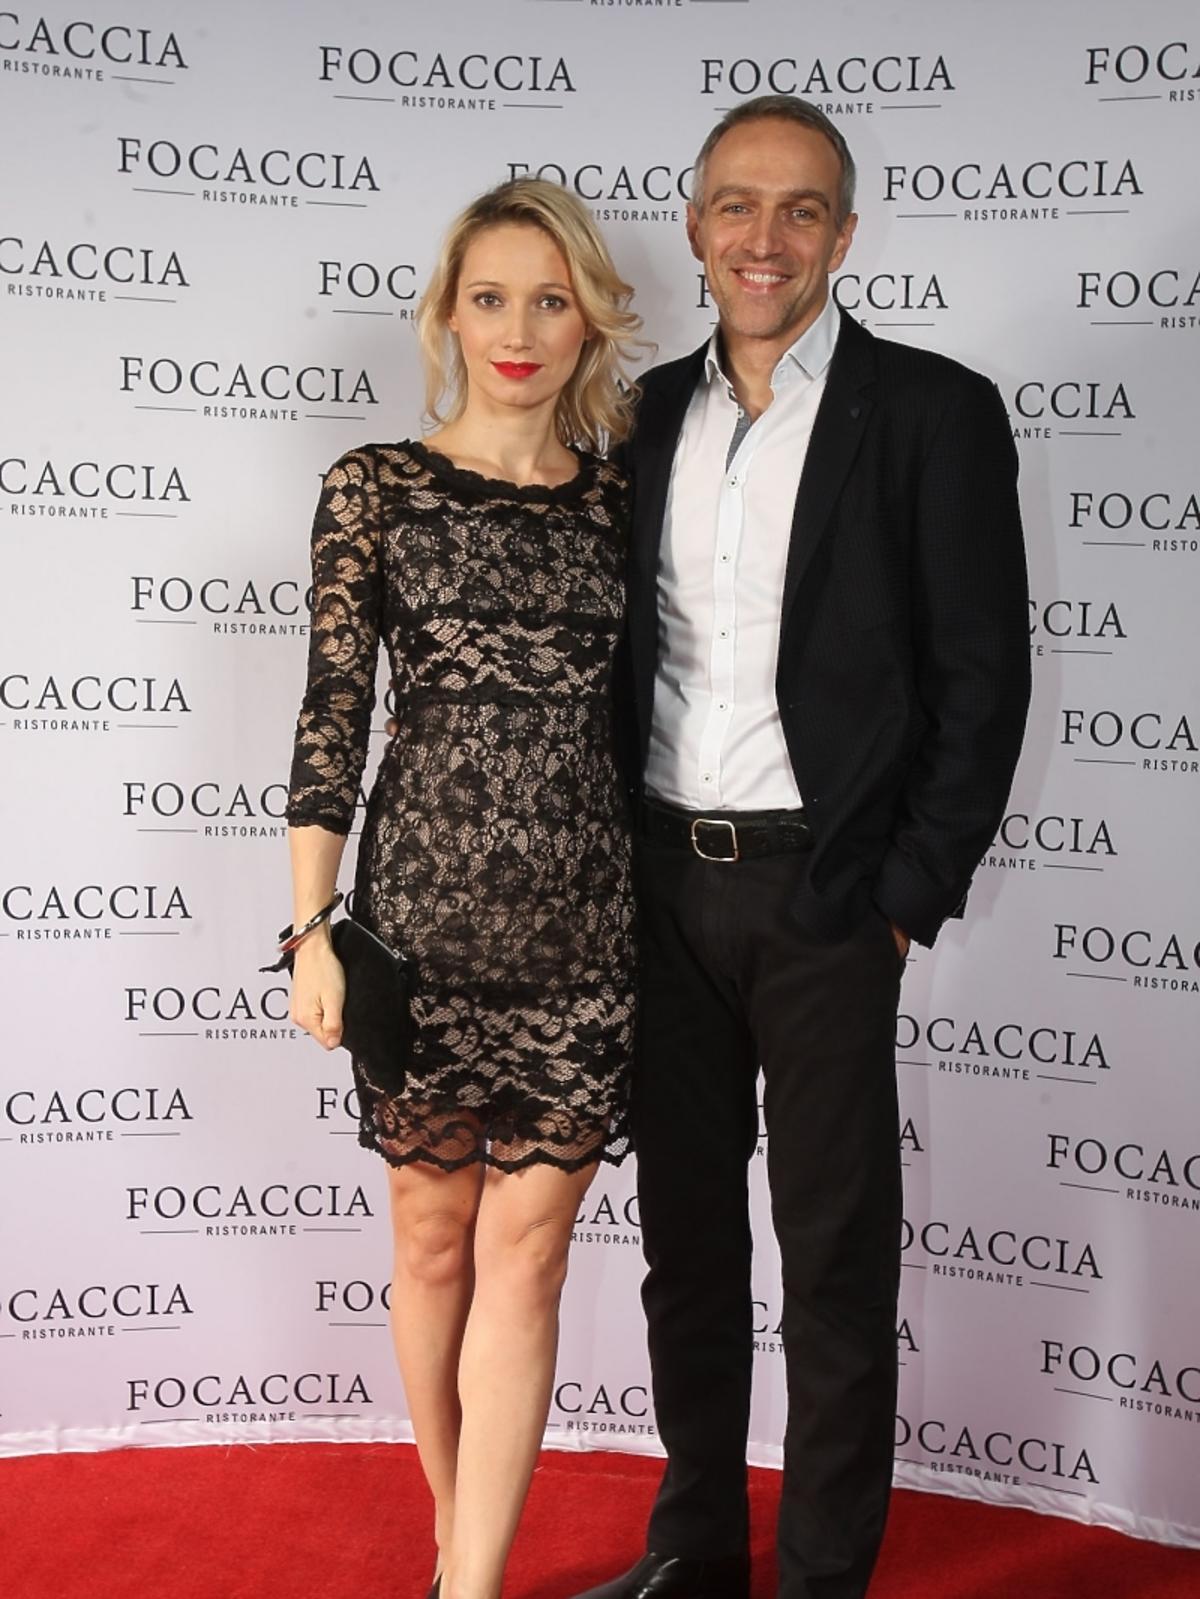 Joanna i Paweł Orleańscy na otwarciu restauracji Focaccia